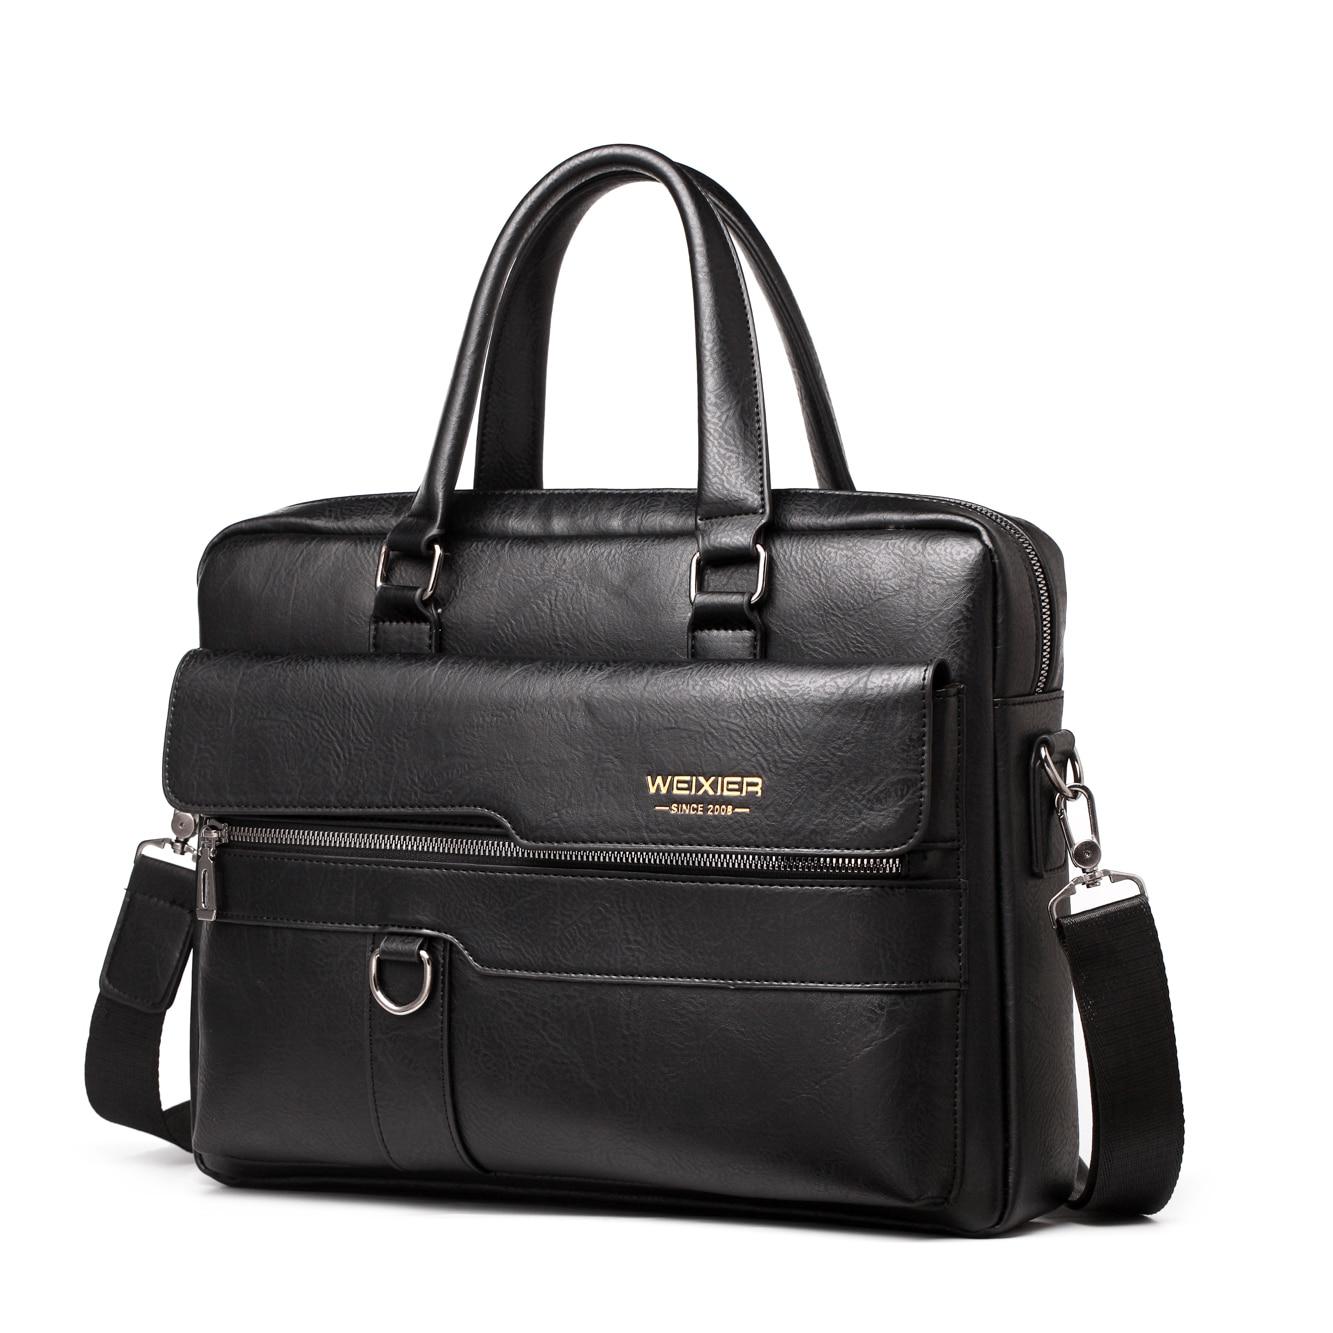 Business Shoulder Bag Men Messenger Bag Brand WEIXIER Vintage PU Leather Crossbody Bag For Male Fashion Casual Man Handbags